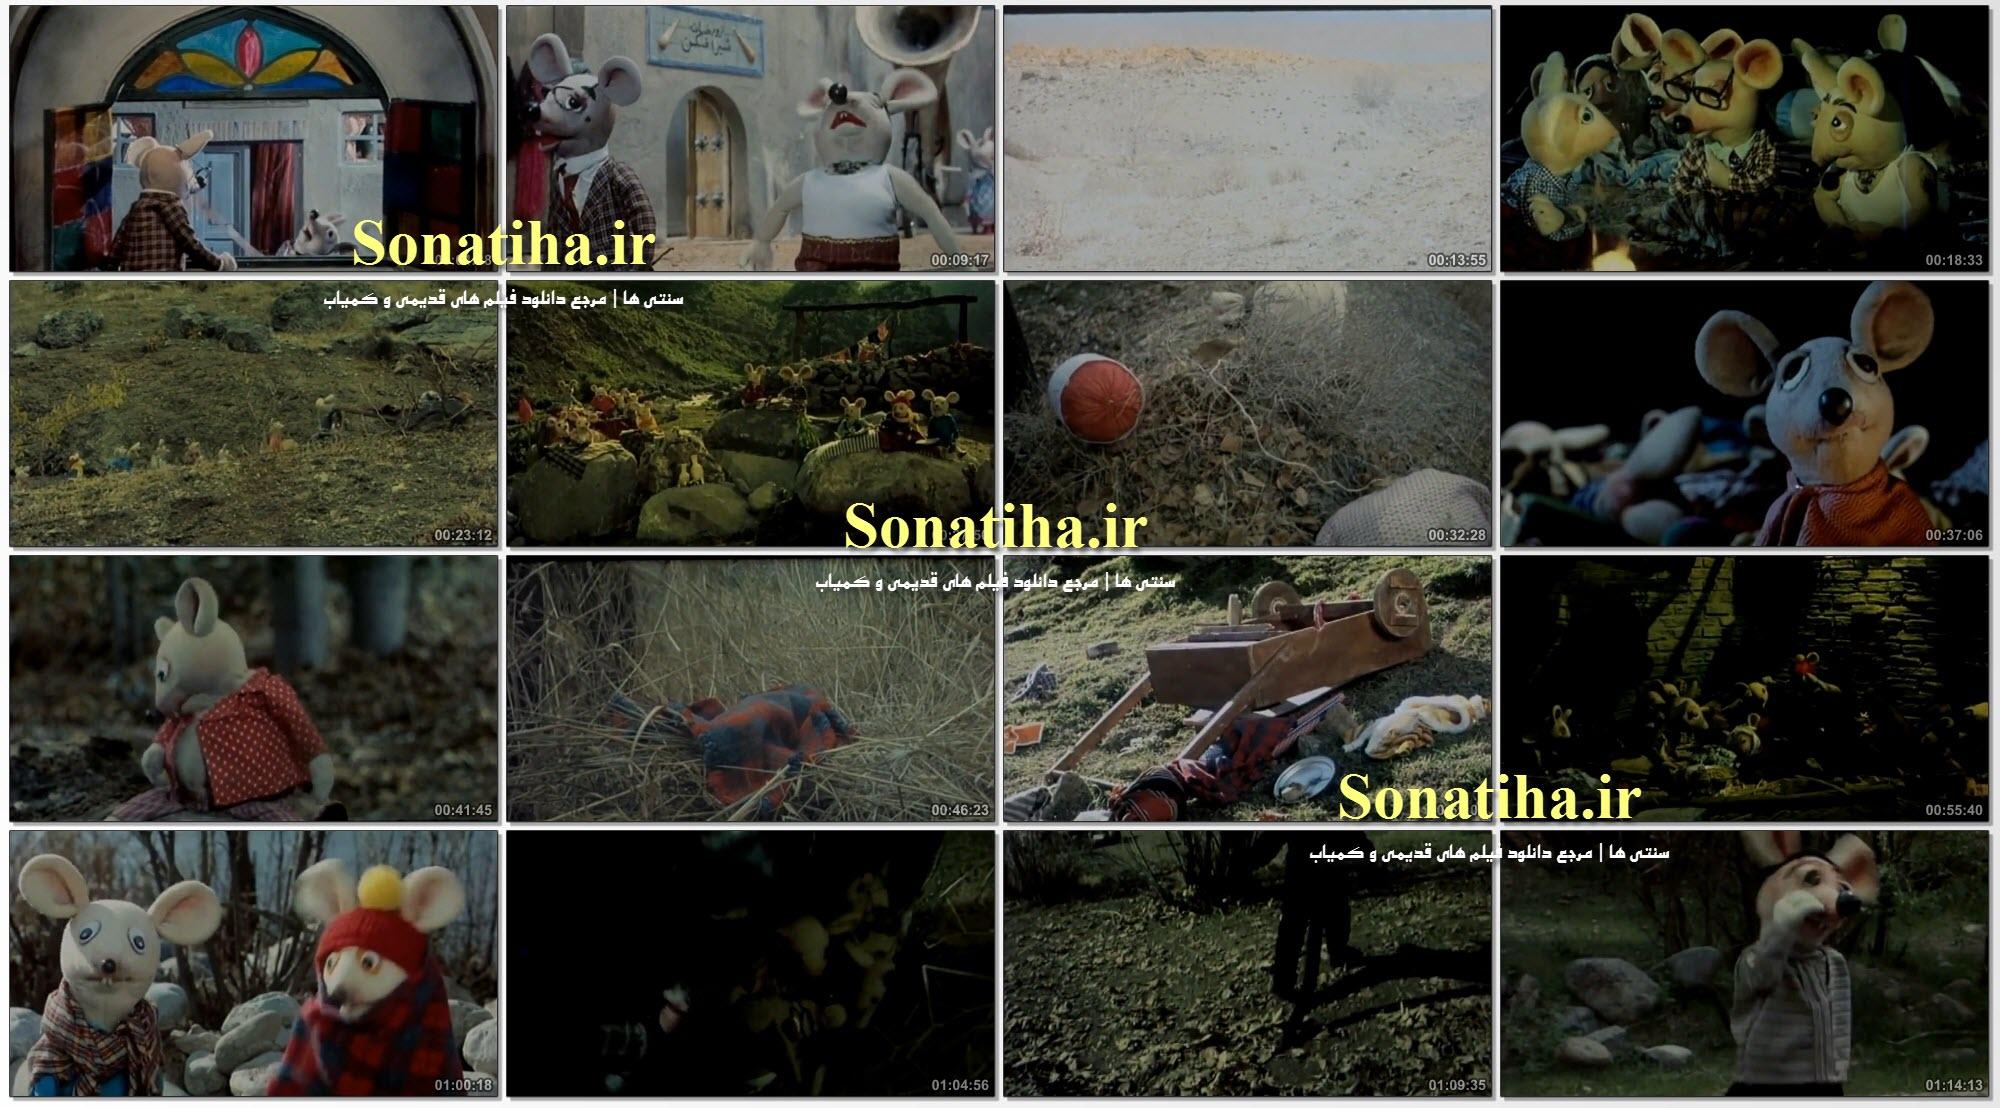 تصاویری از فیلم مدرسه موش ها